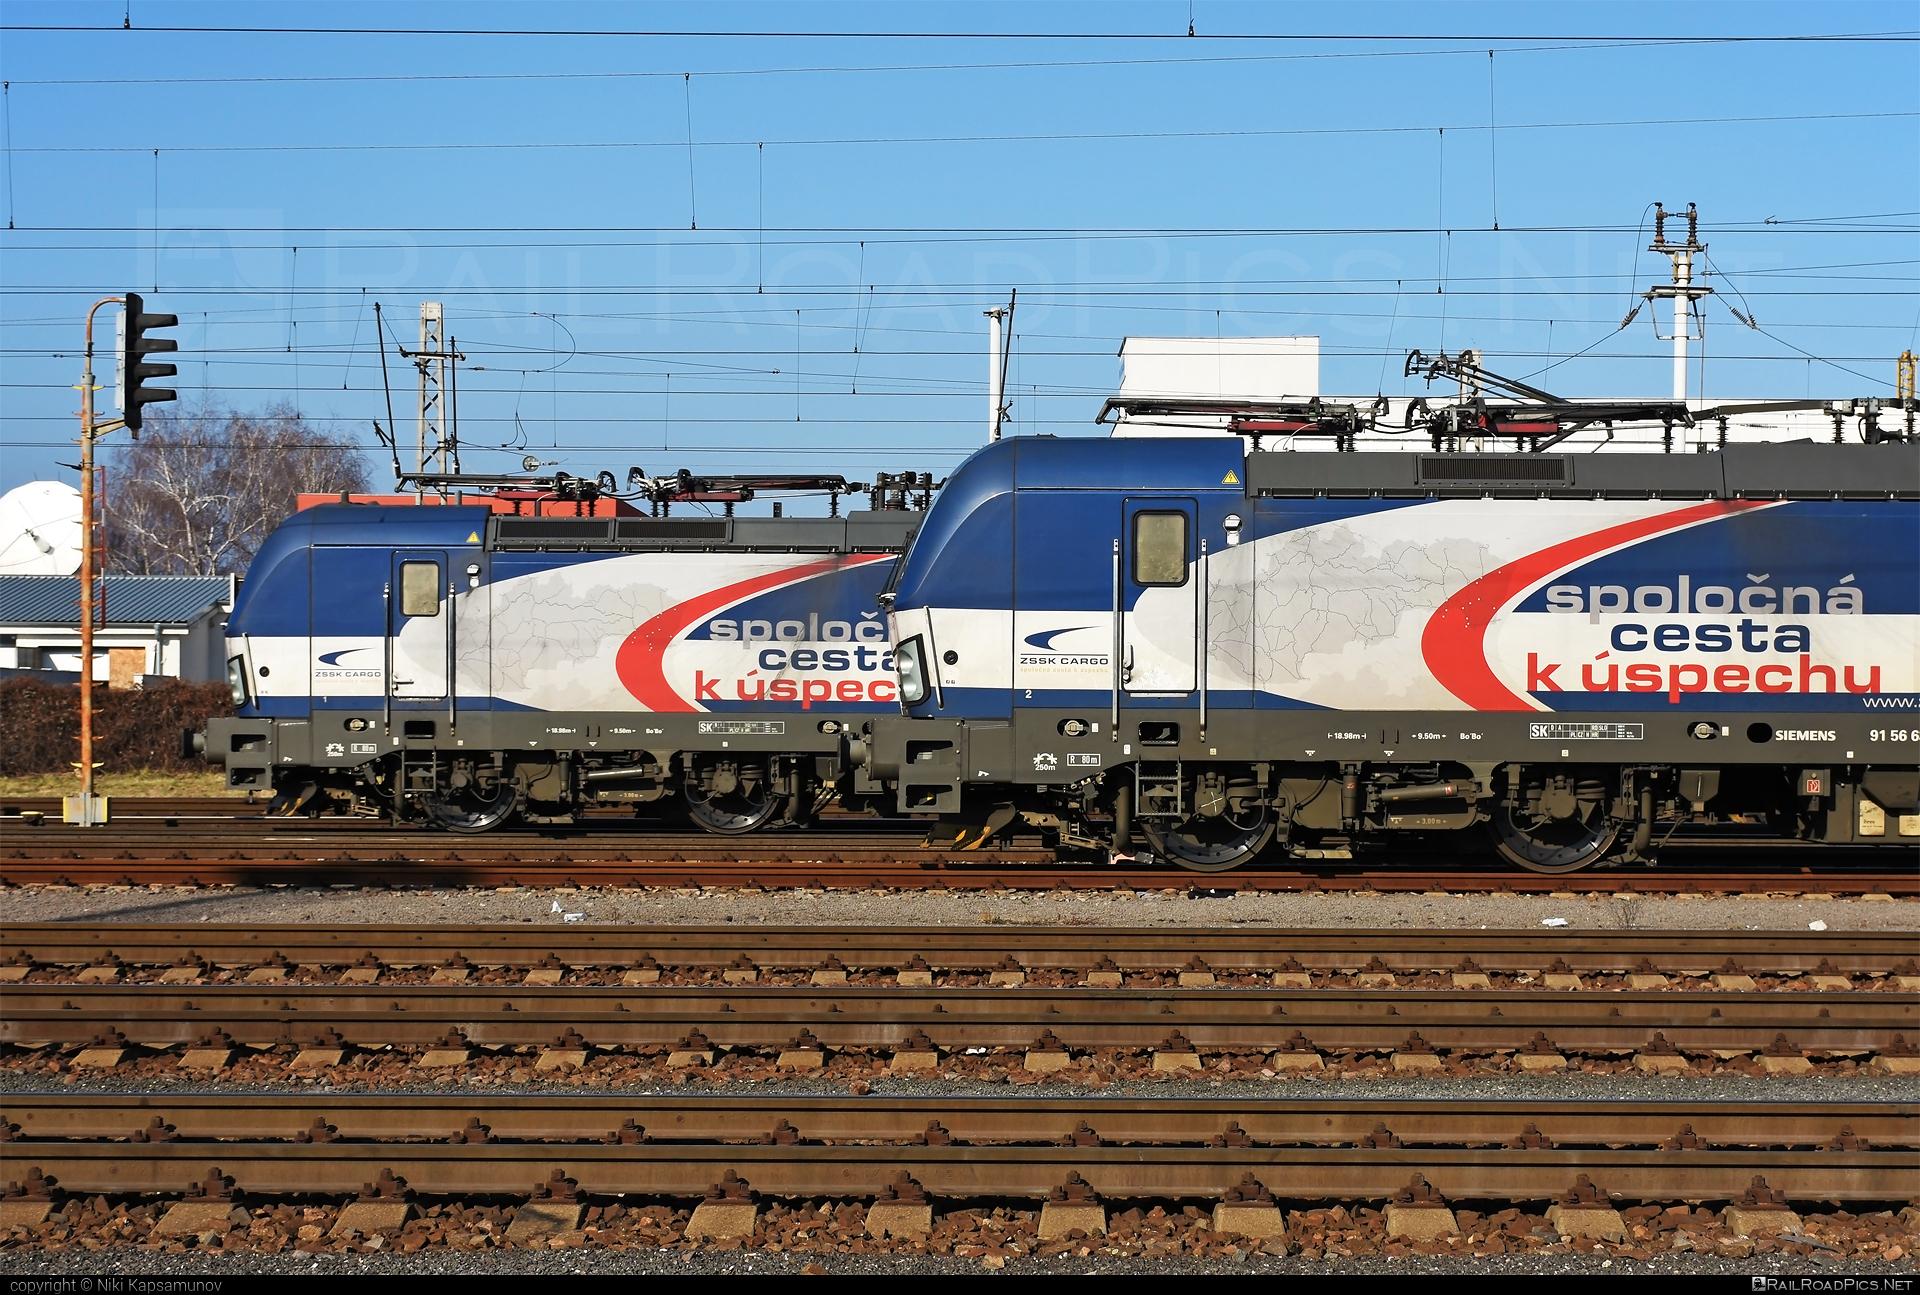 Siemens Vectron MS - 383 204-5 operated by Železničná Spoločnost' Cargo Slovakia a.s. #RollingStockLease #RollingStockLeaseSro #ZeleznicnaSpolocnostCargoSlovakia #raill #siemens #siemensvectron #siemensvectronms #vectron #vectronms #zsskcargo